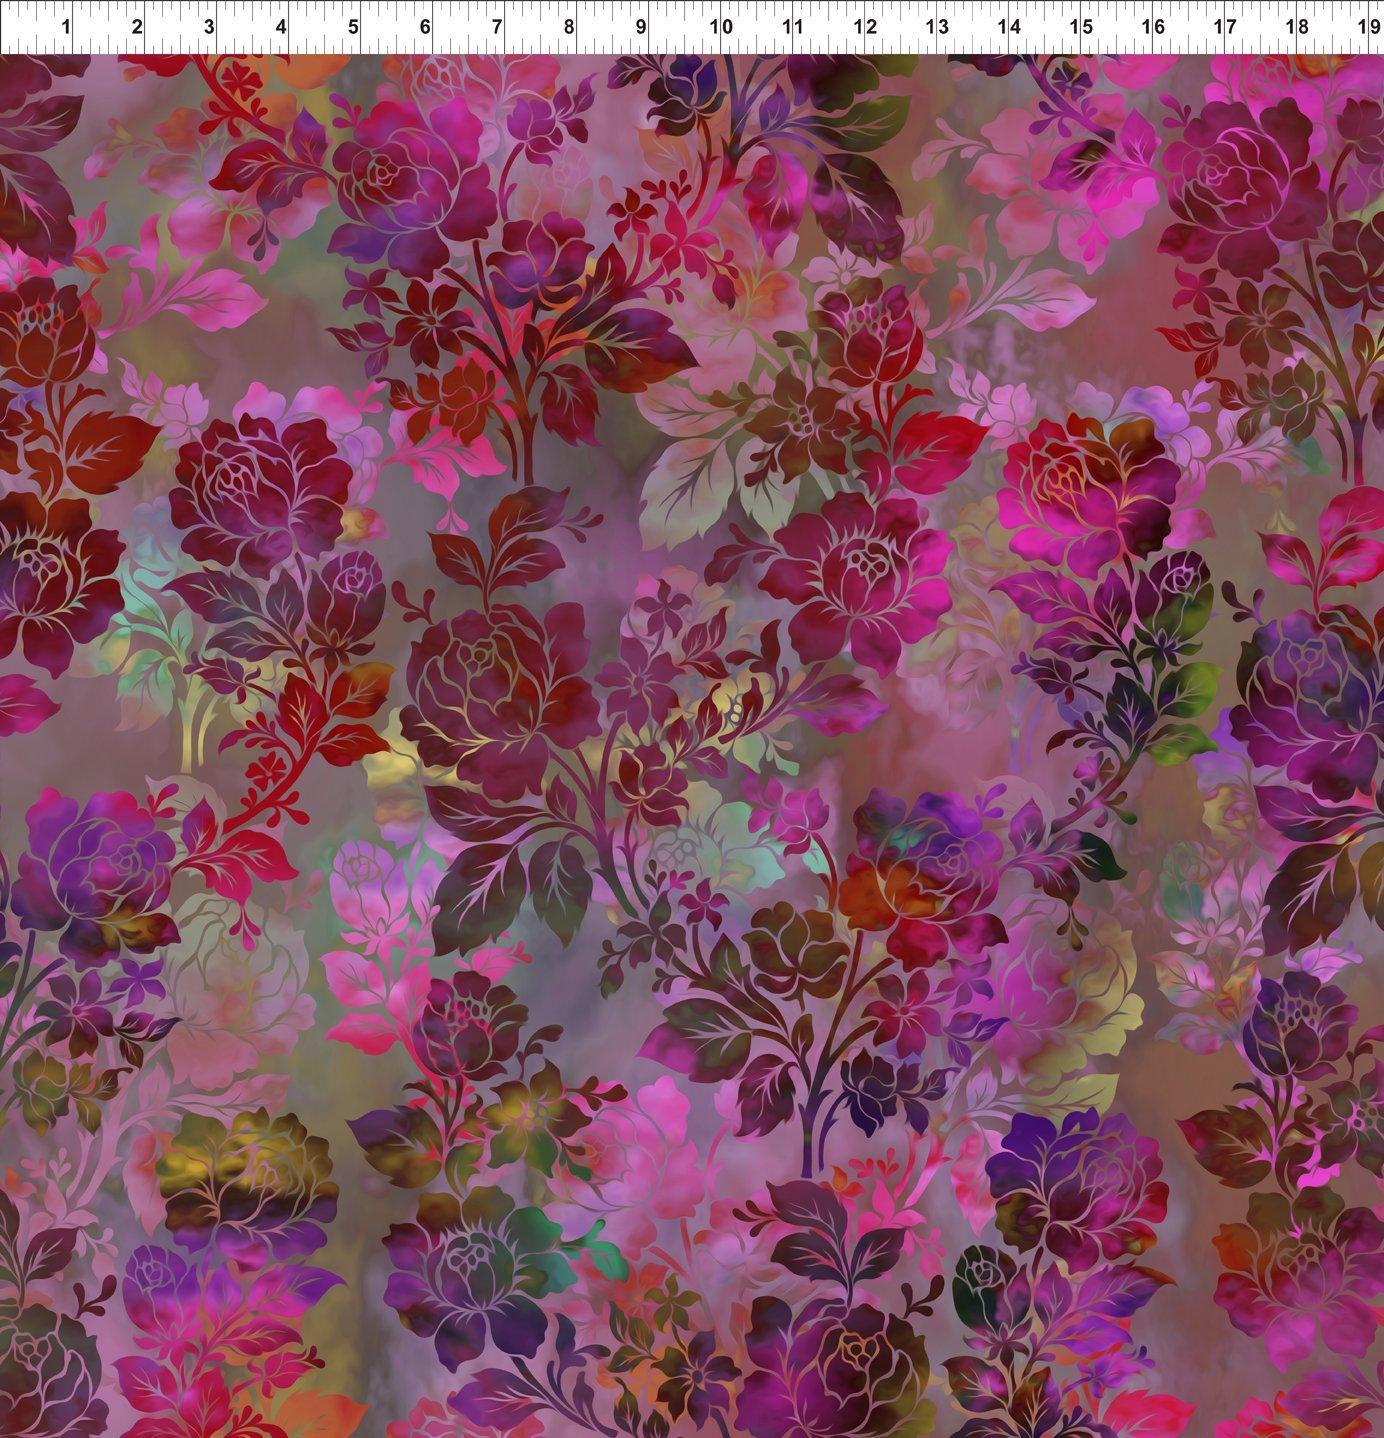 Diaphonous - Night Bloom - Magenta 1ENC5